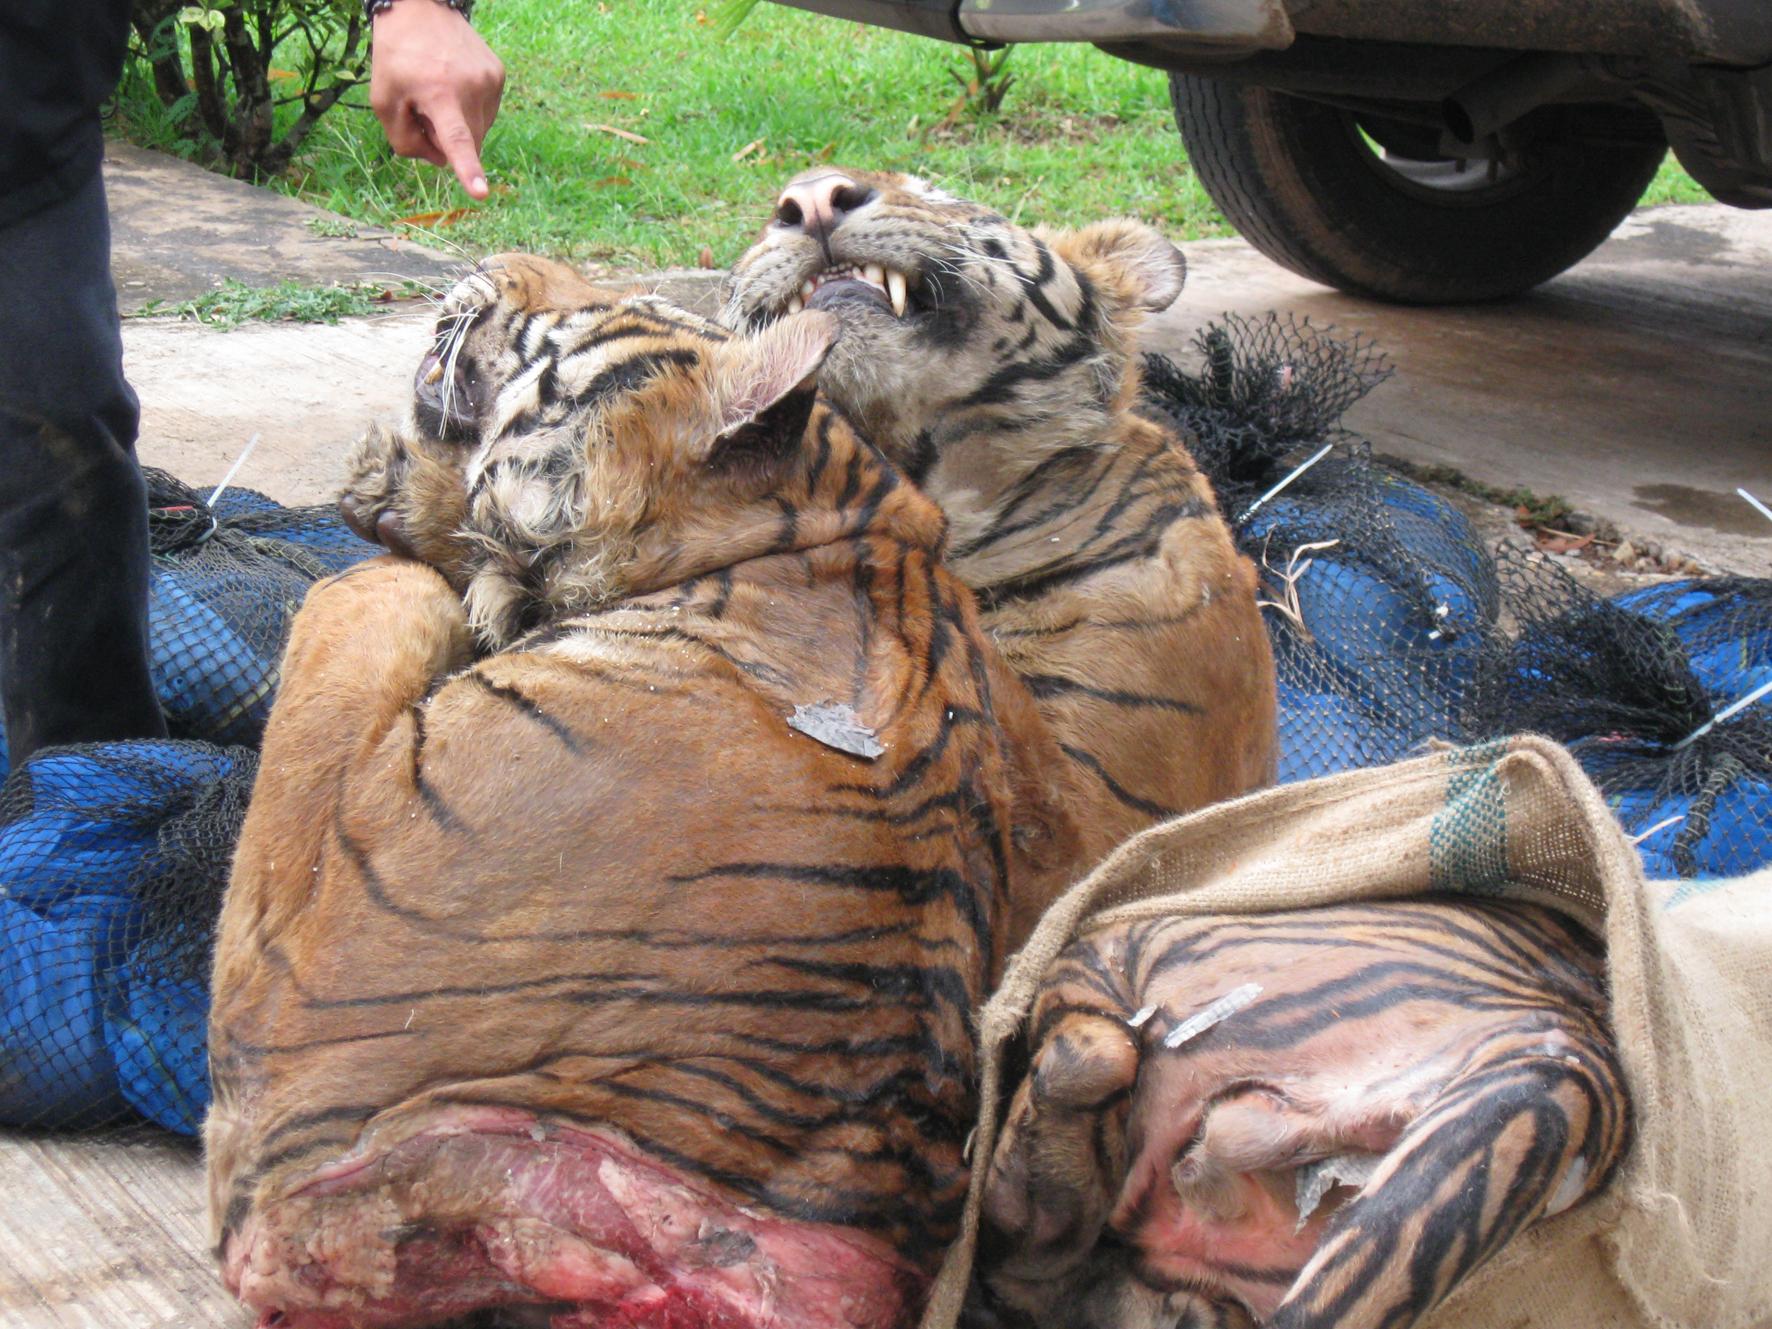 Image of: Good News Httpfsjdallindiafileswordpresscom201102 Wwfuk Murder For Meds And Merchandise Tigers The Endangered Species